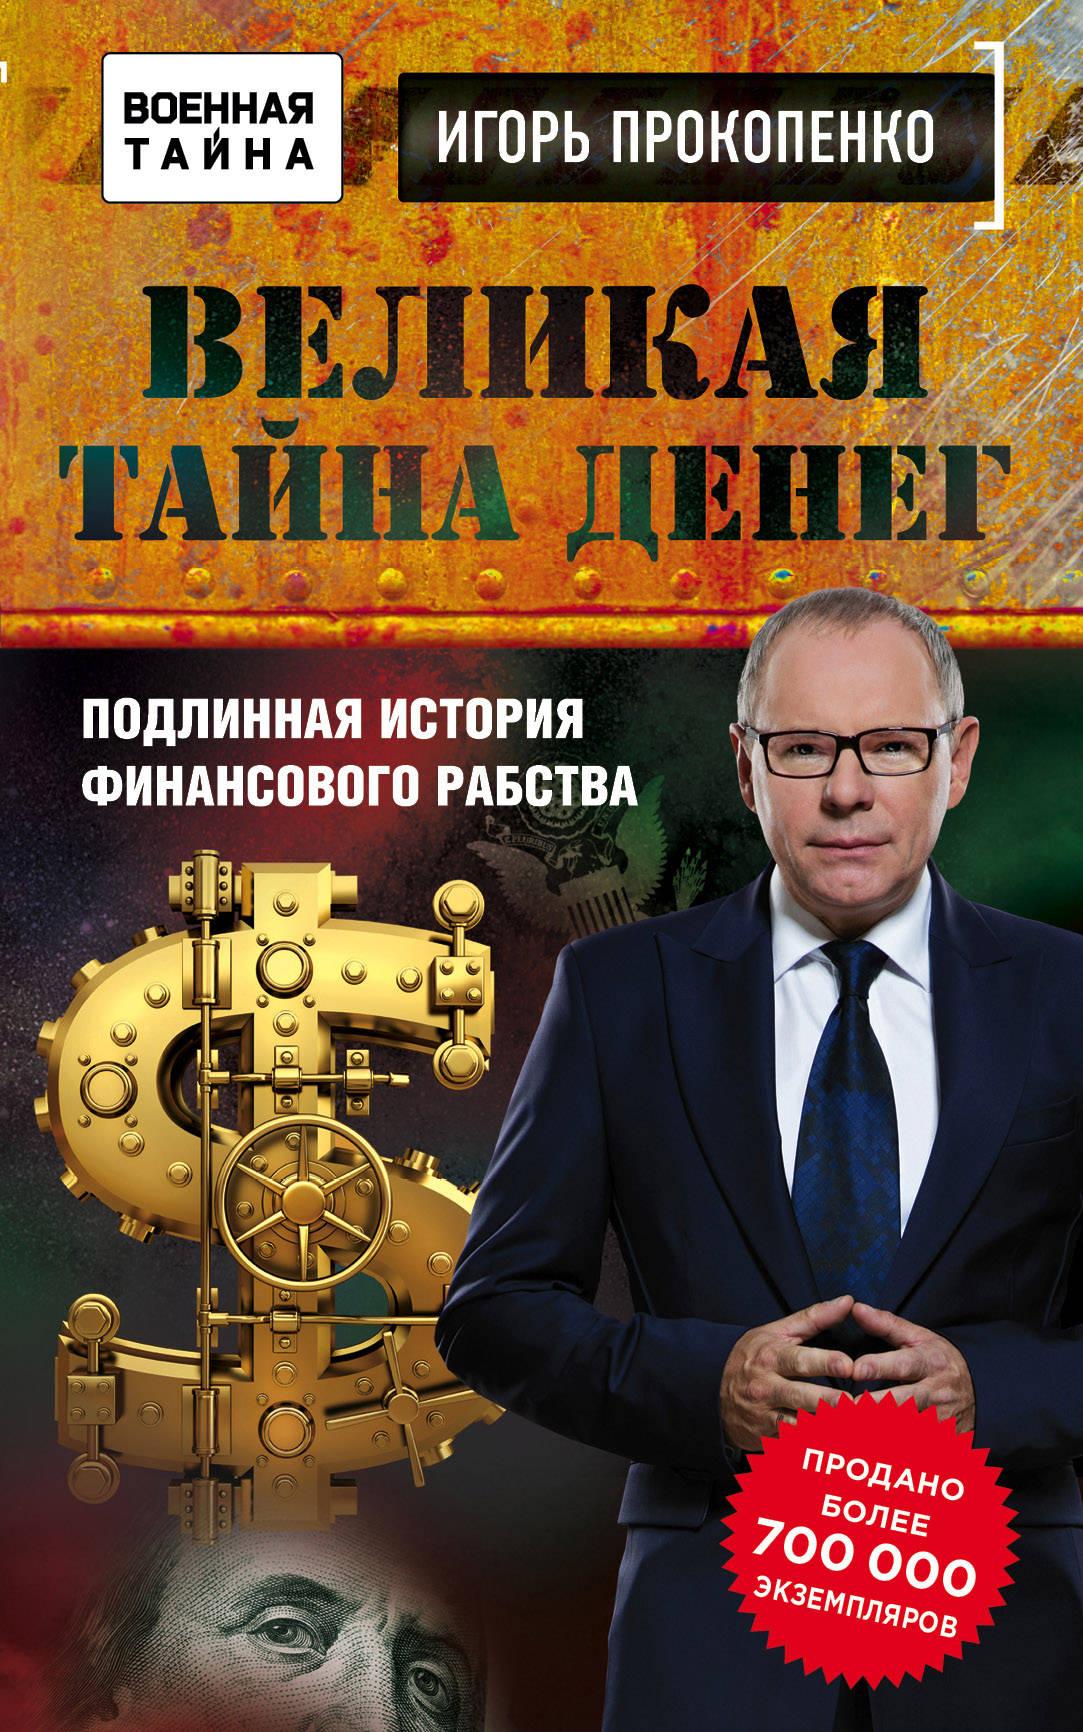 Великая тайна денег. Игорь Прокопенко